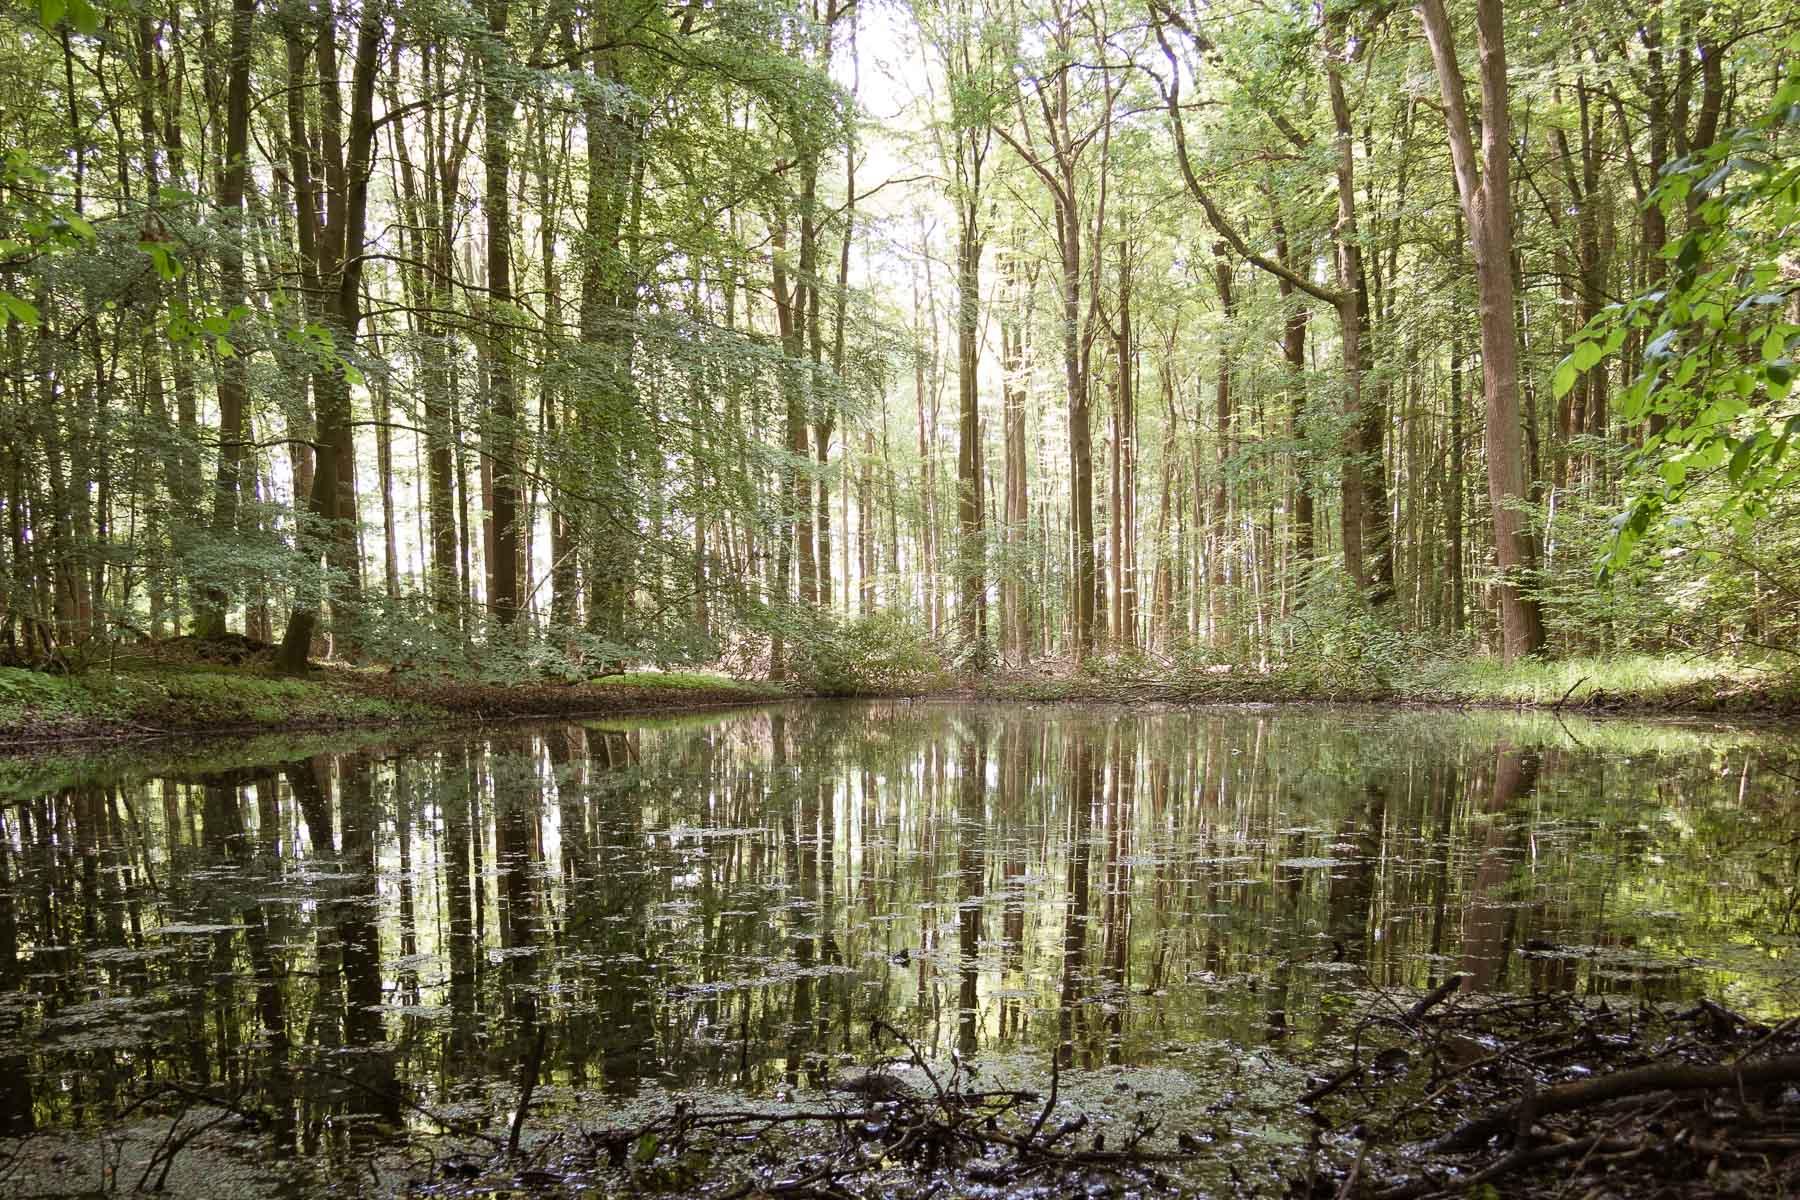 Spiegelung auf dem Wasser, Telgte